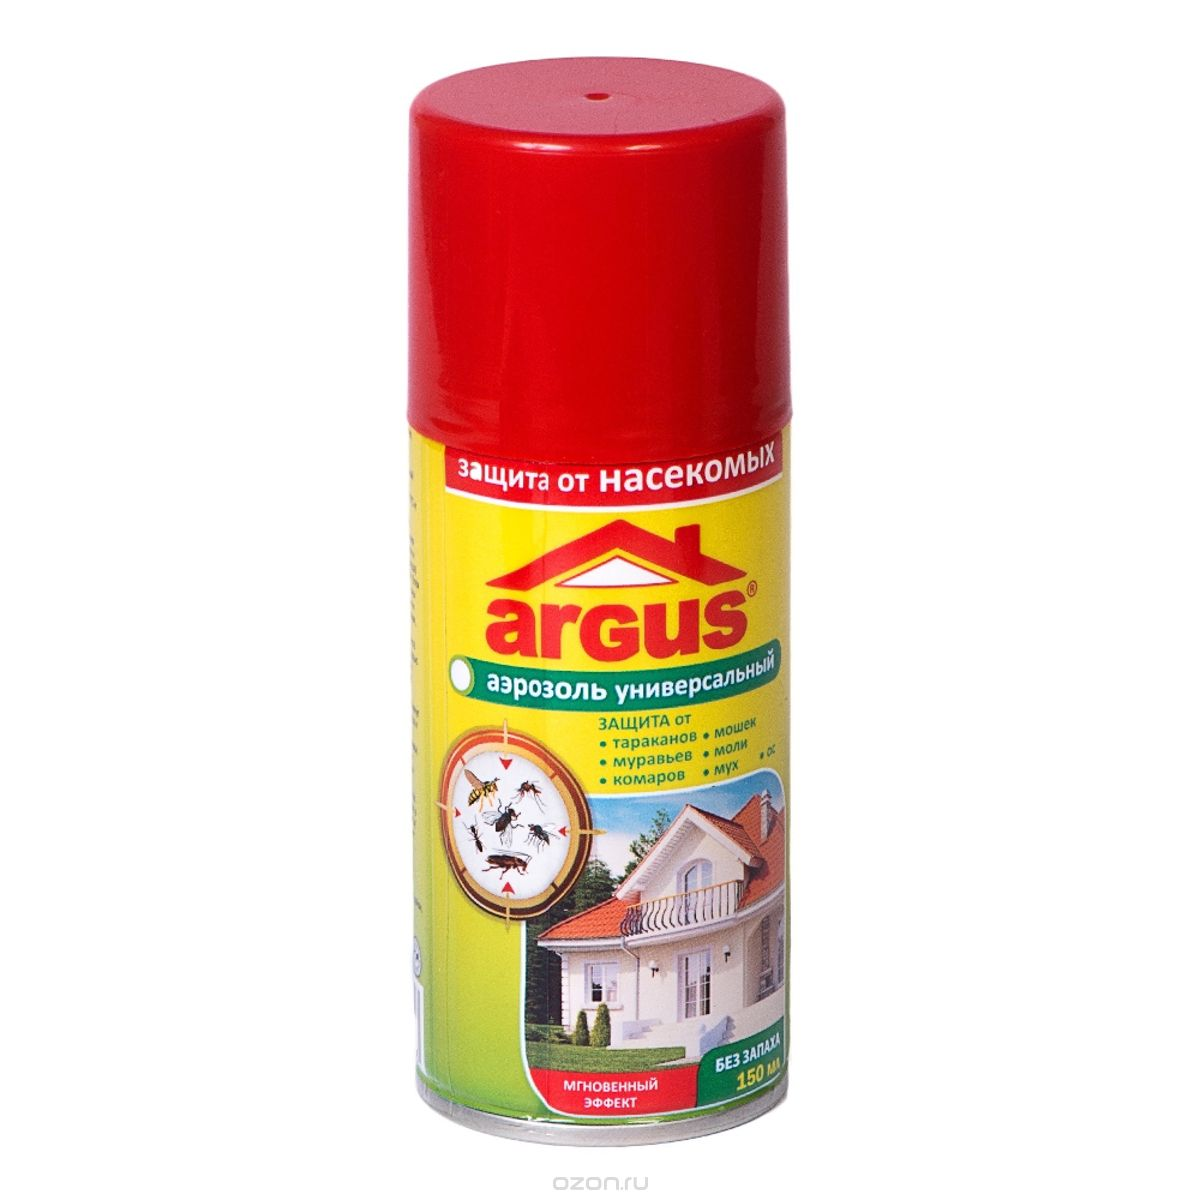 Аэрозоль от кровососущих насекомых Argus, 150 мл argus сз 010004